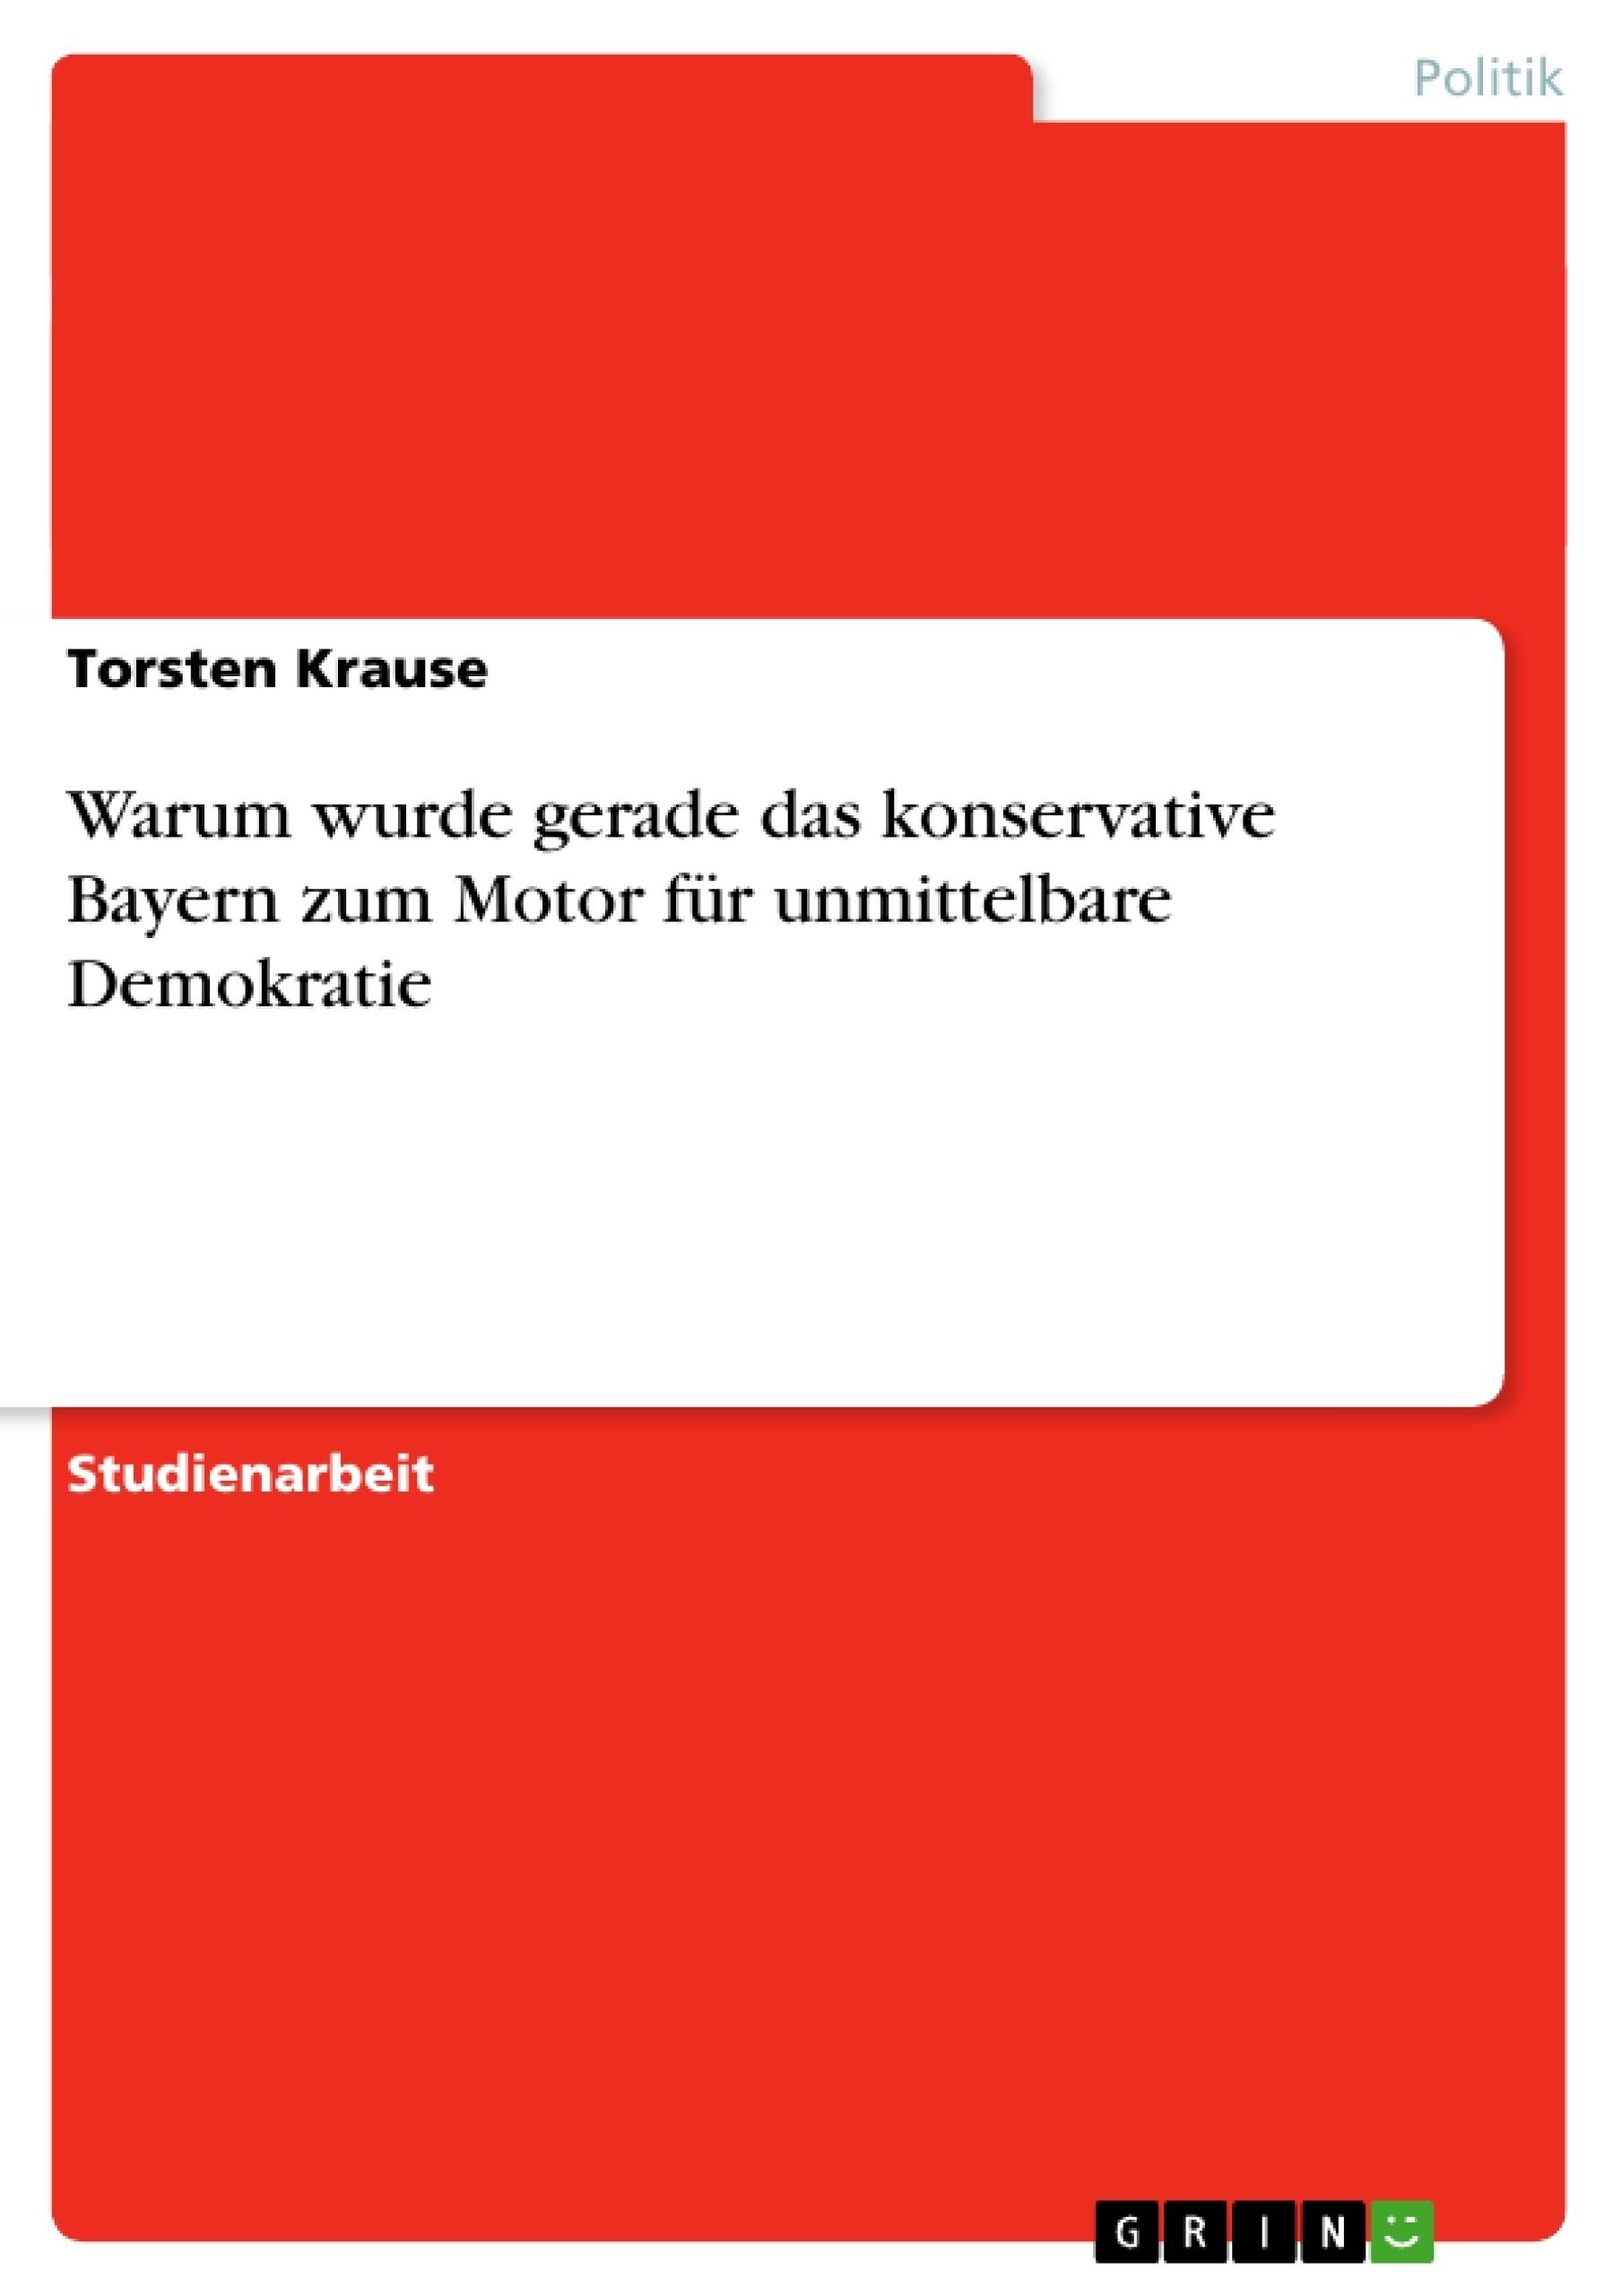 Titel: Warum wurde gerade das konservative Bayern zum Motor für unmittelbare Demokratie